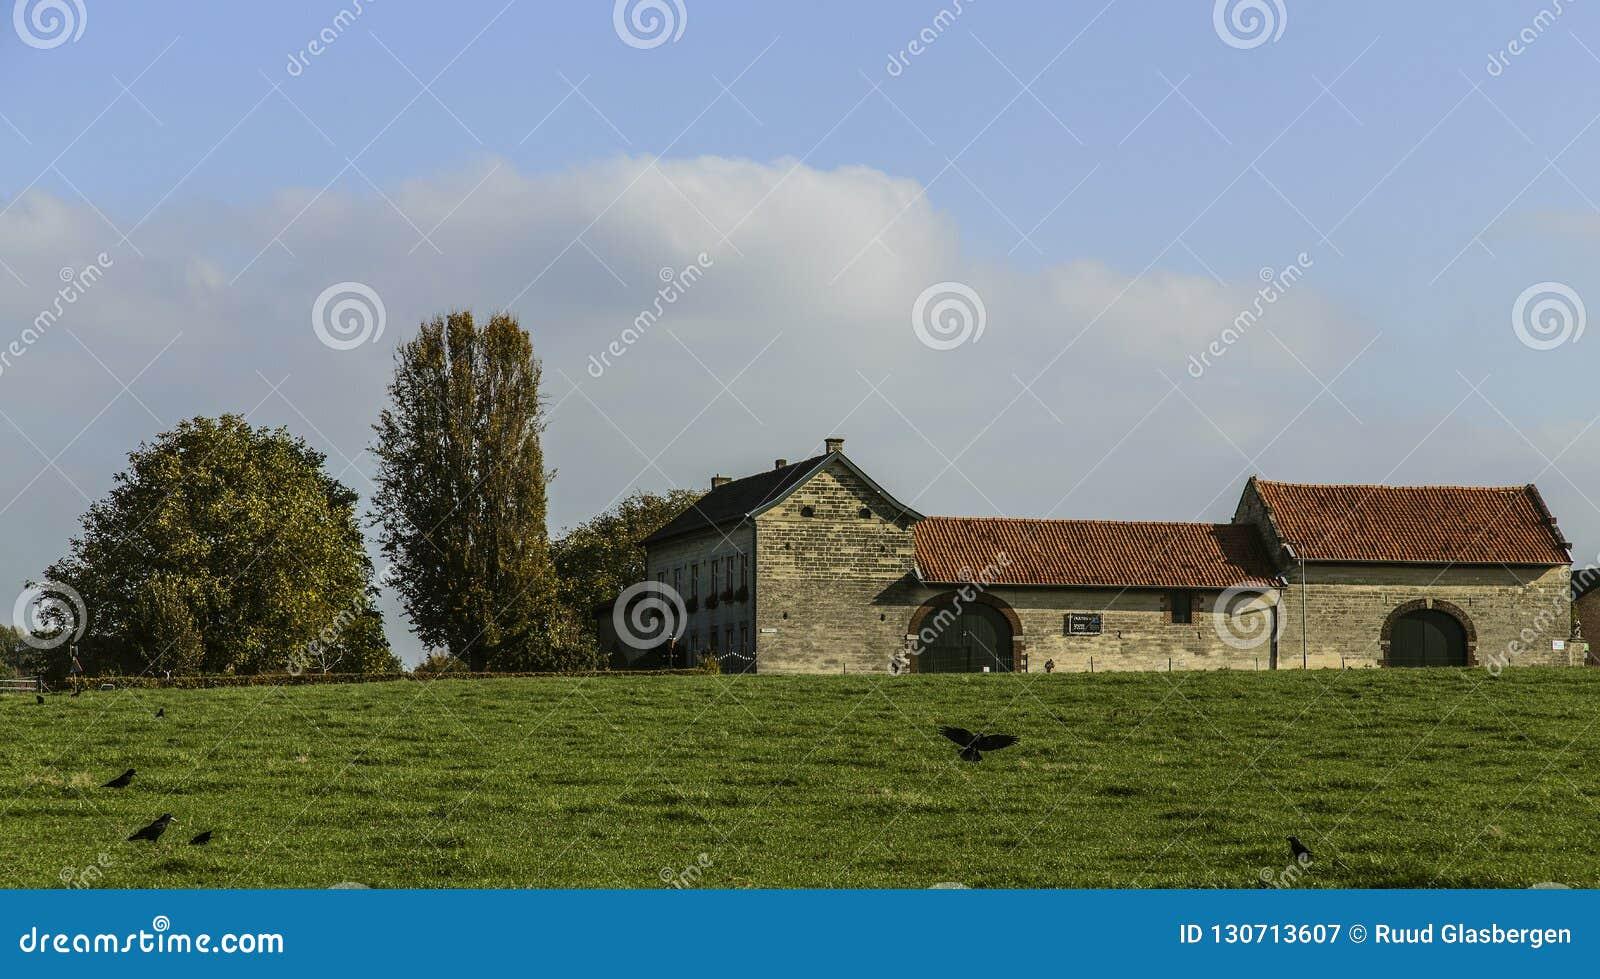 In het zuiden van de provincie van Limburg in Nederland zijn er nog vele oude historische landbouwbedrijven die het landschap bin